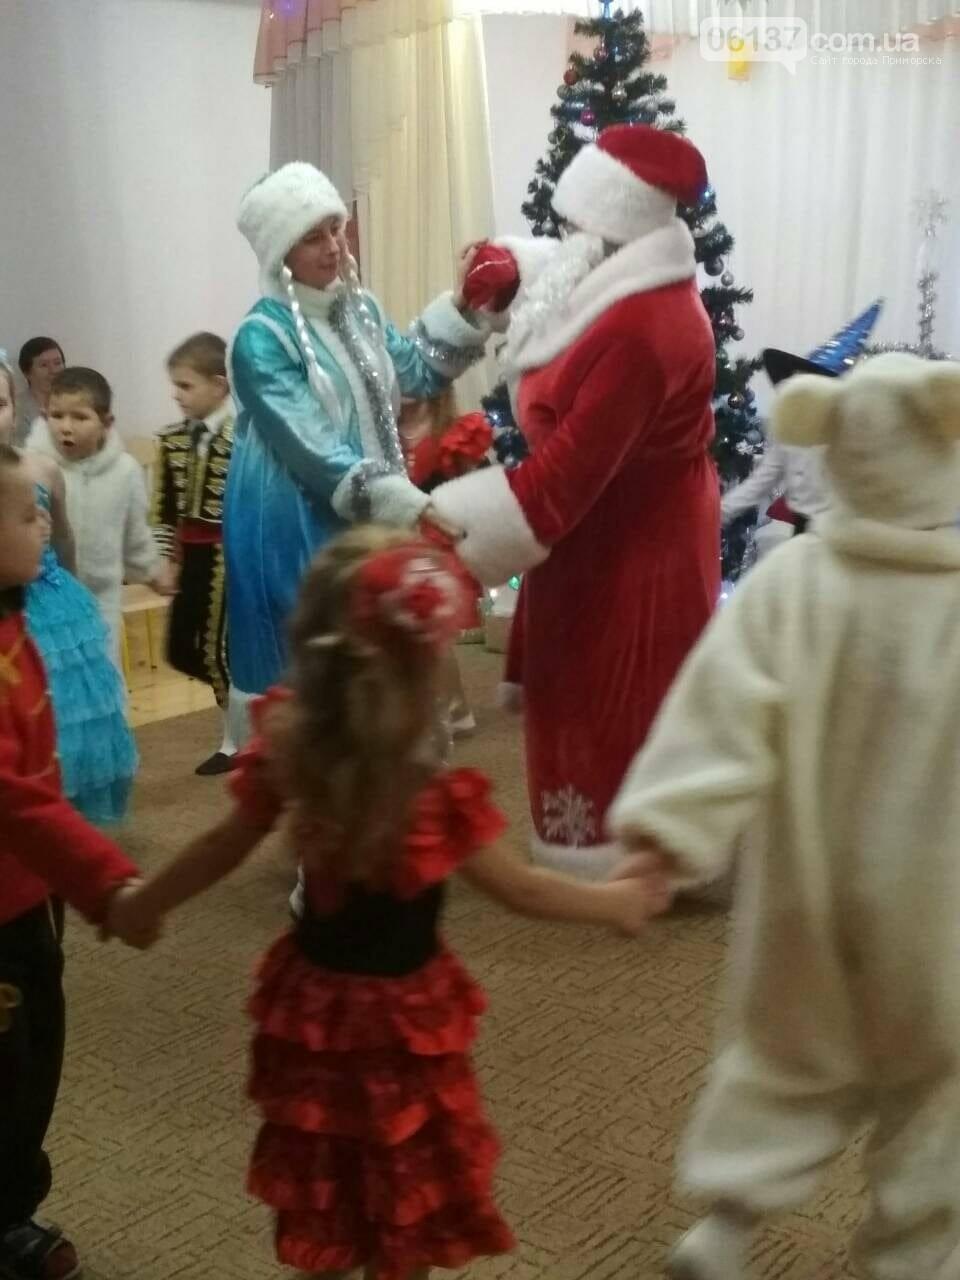 В детских садиках Приморска новогоднее веселье идет полным ходом, фото-1